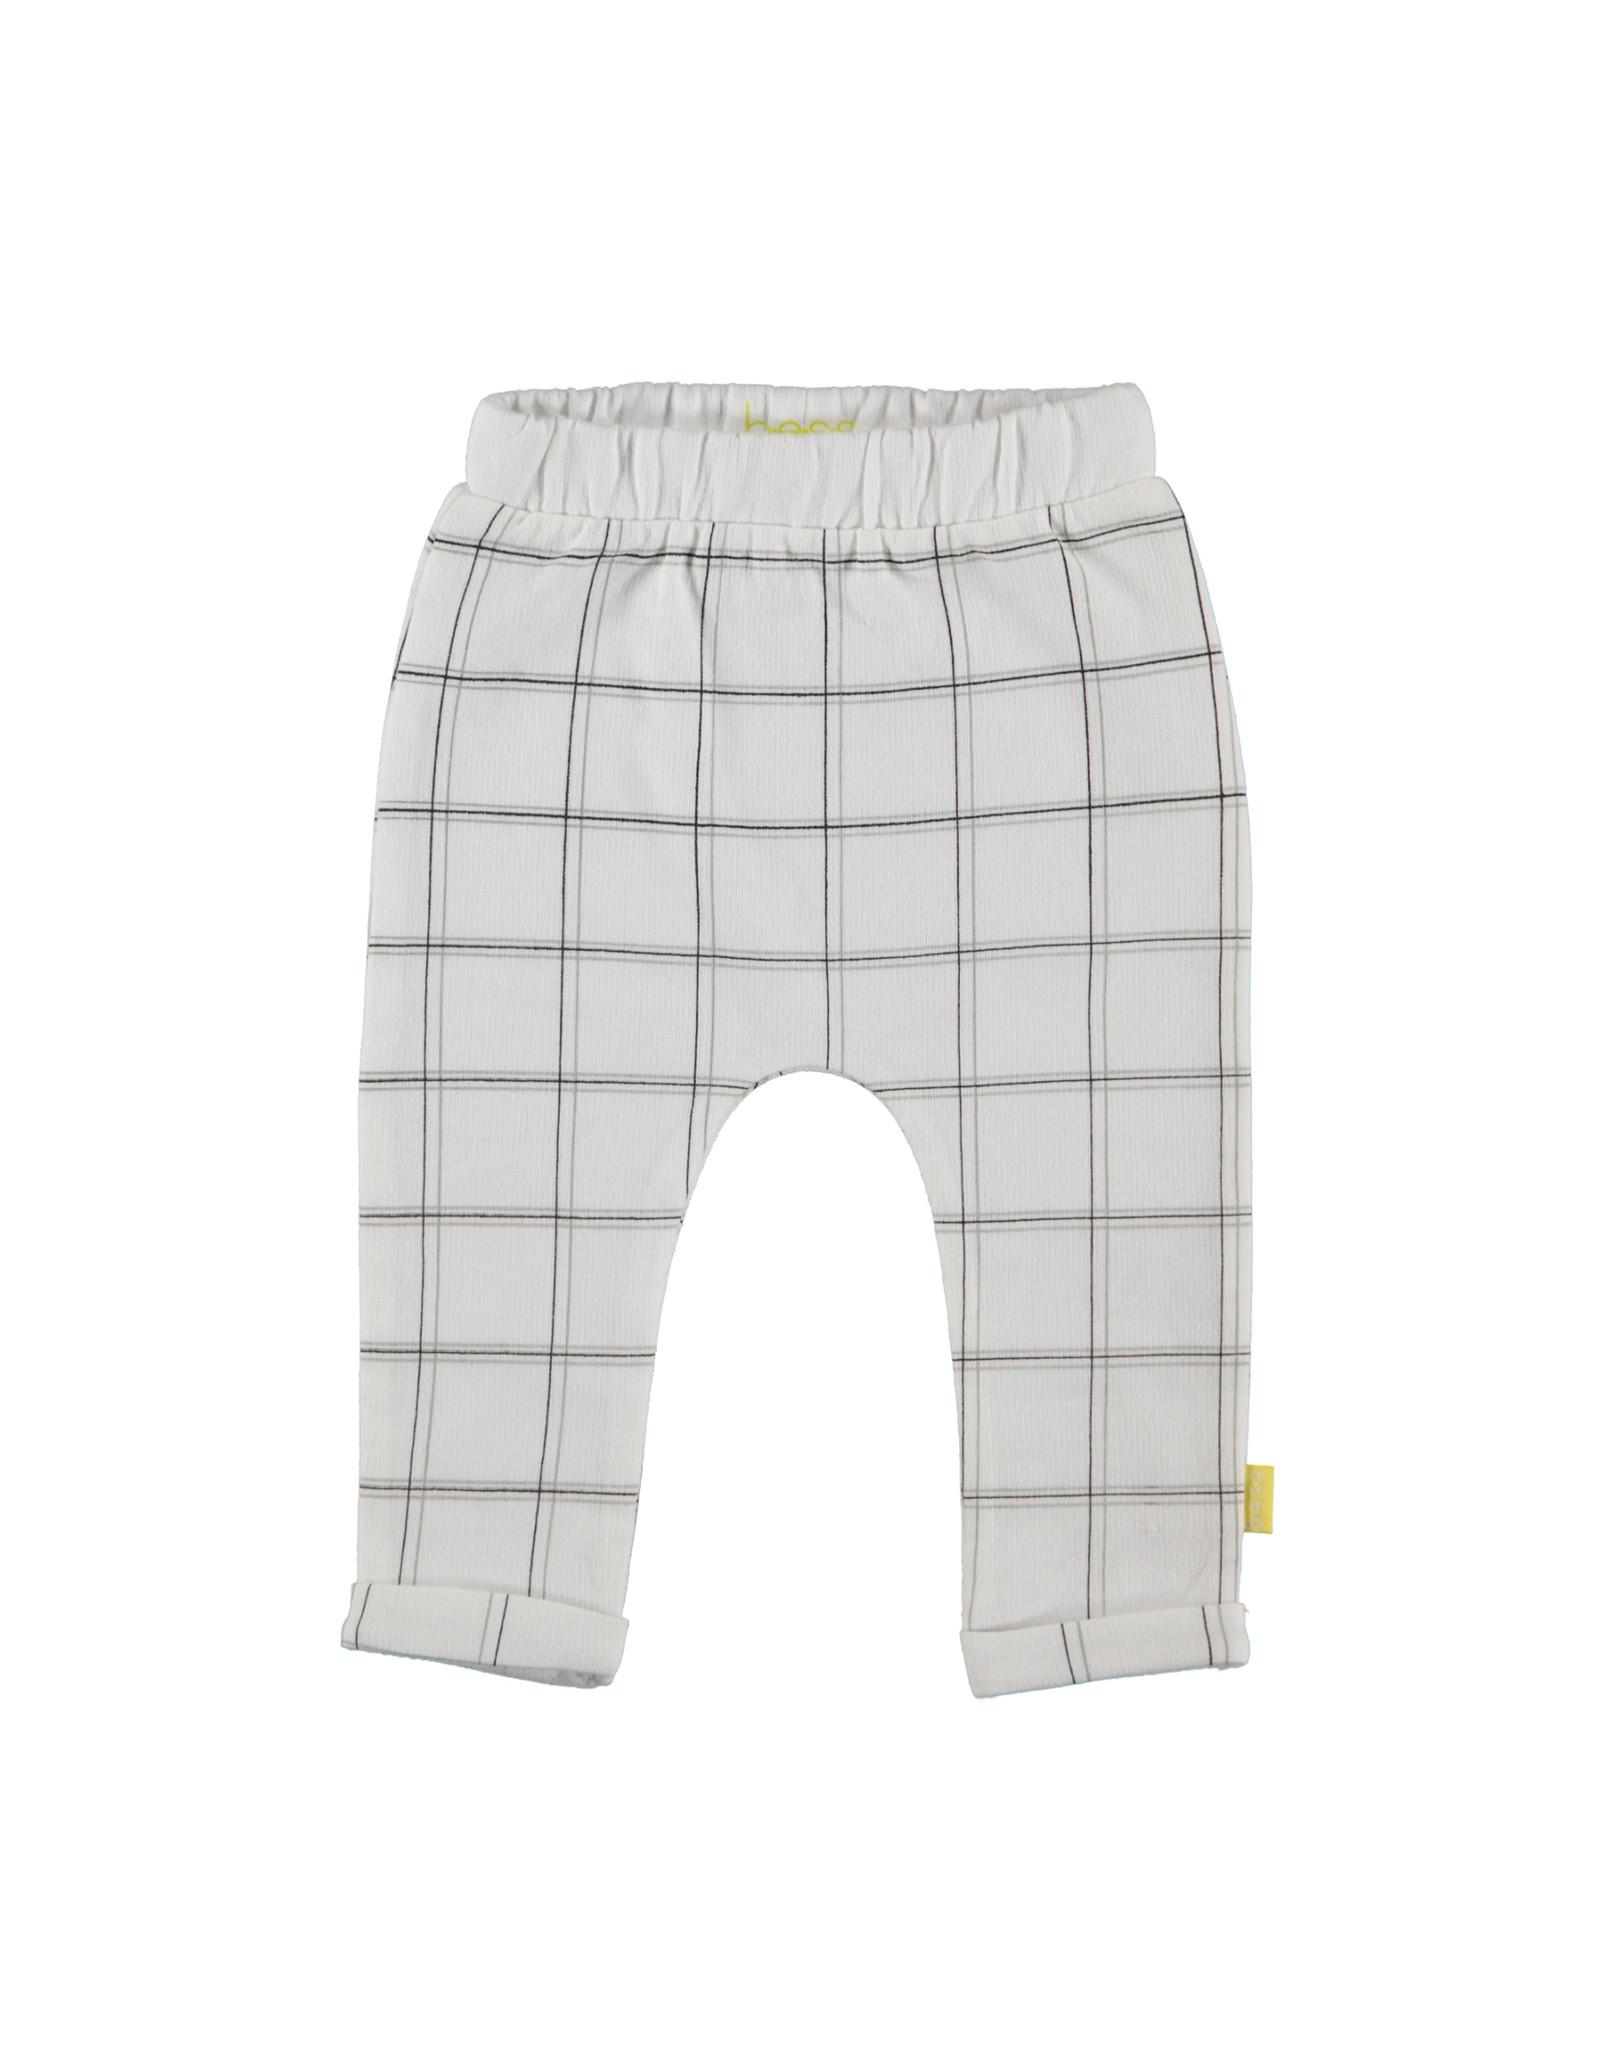 B.E.S.S. Pants Check, White